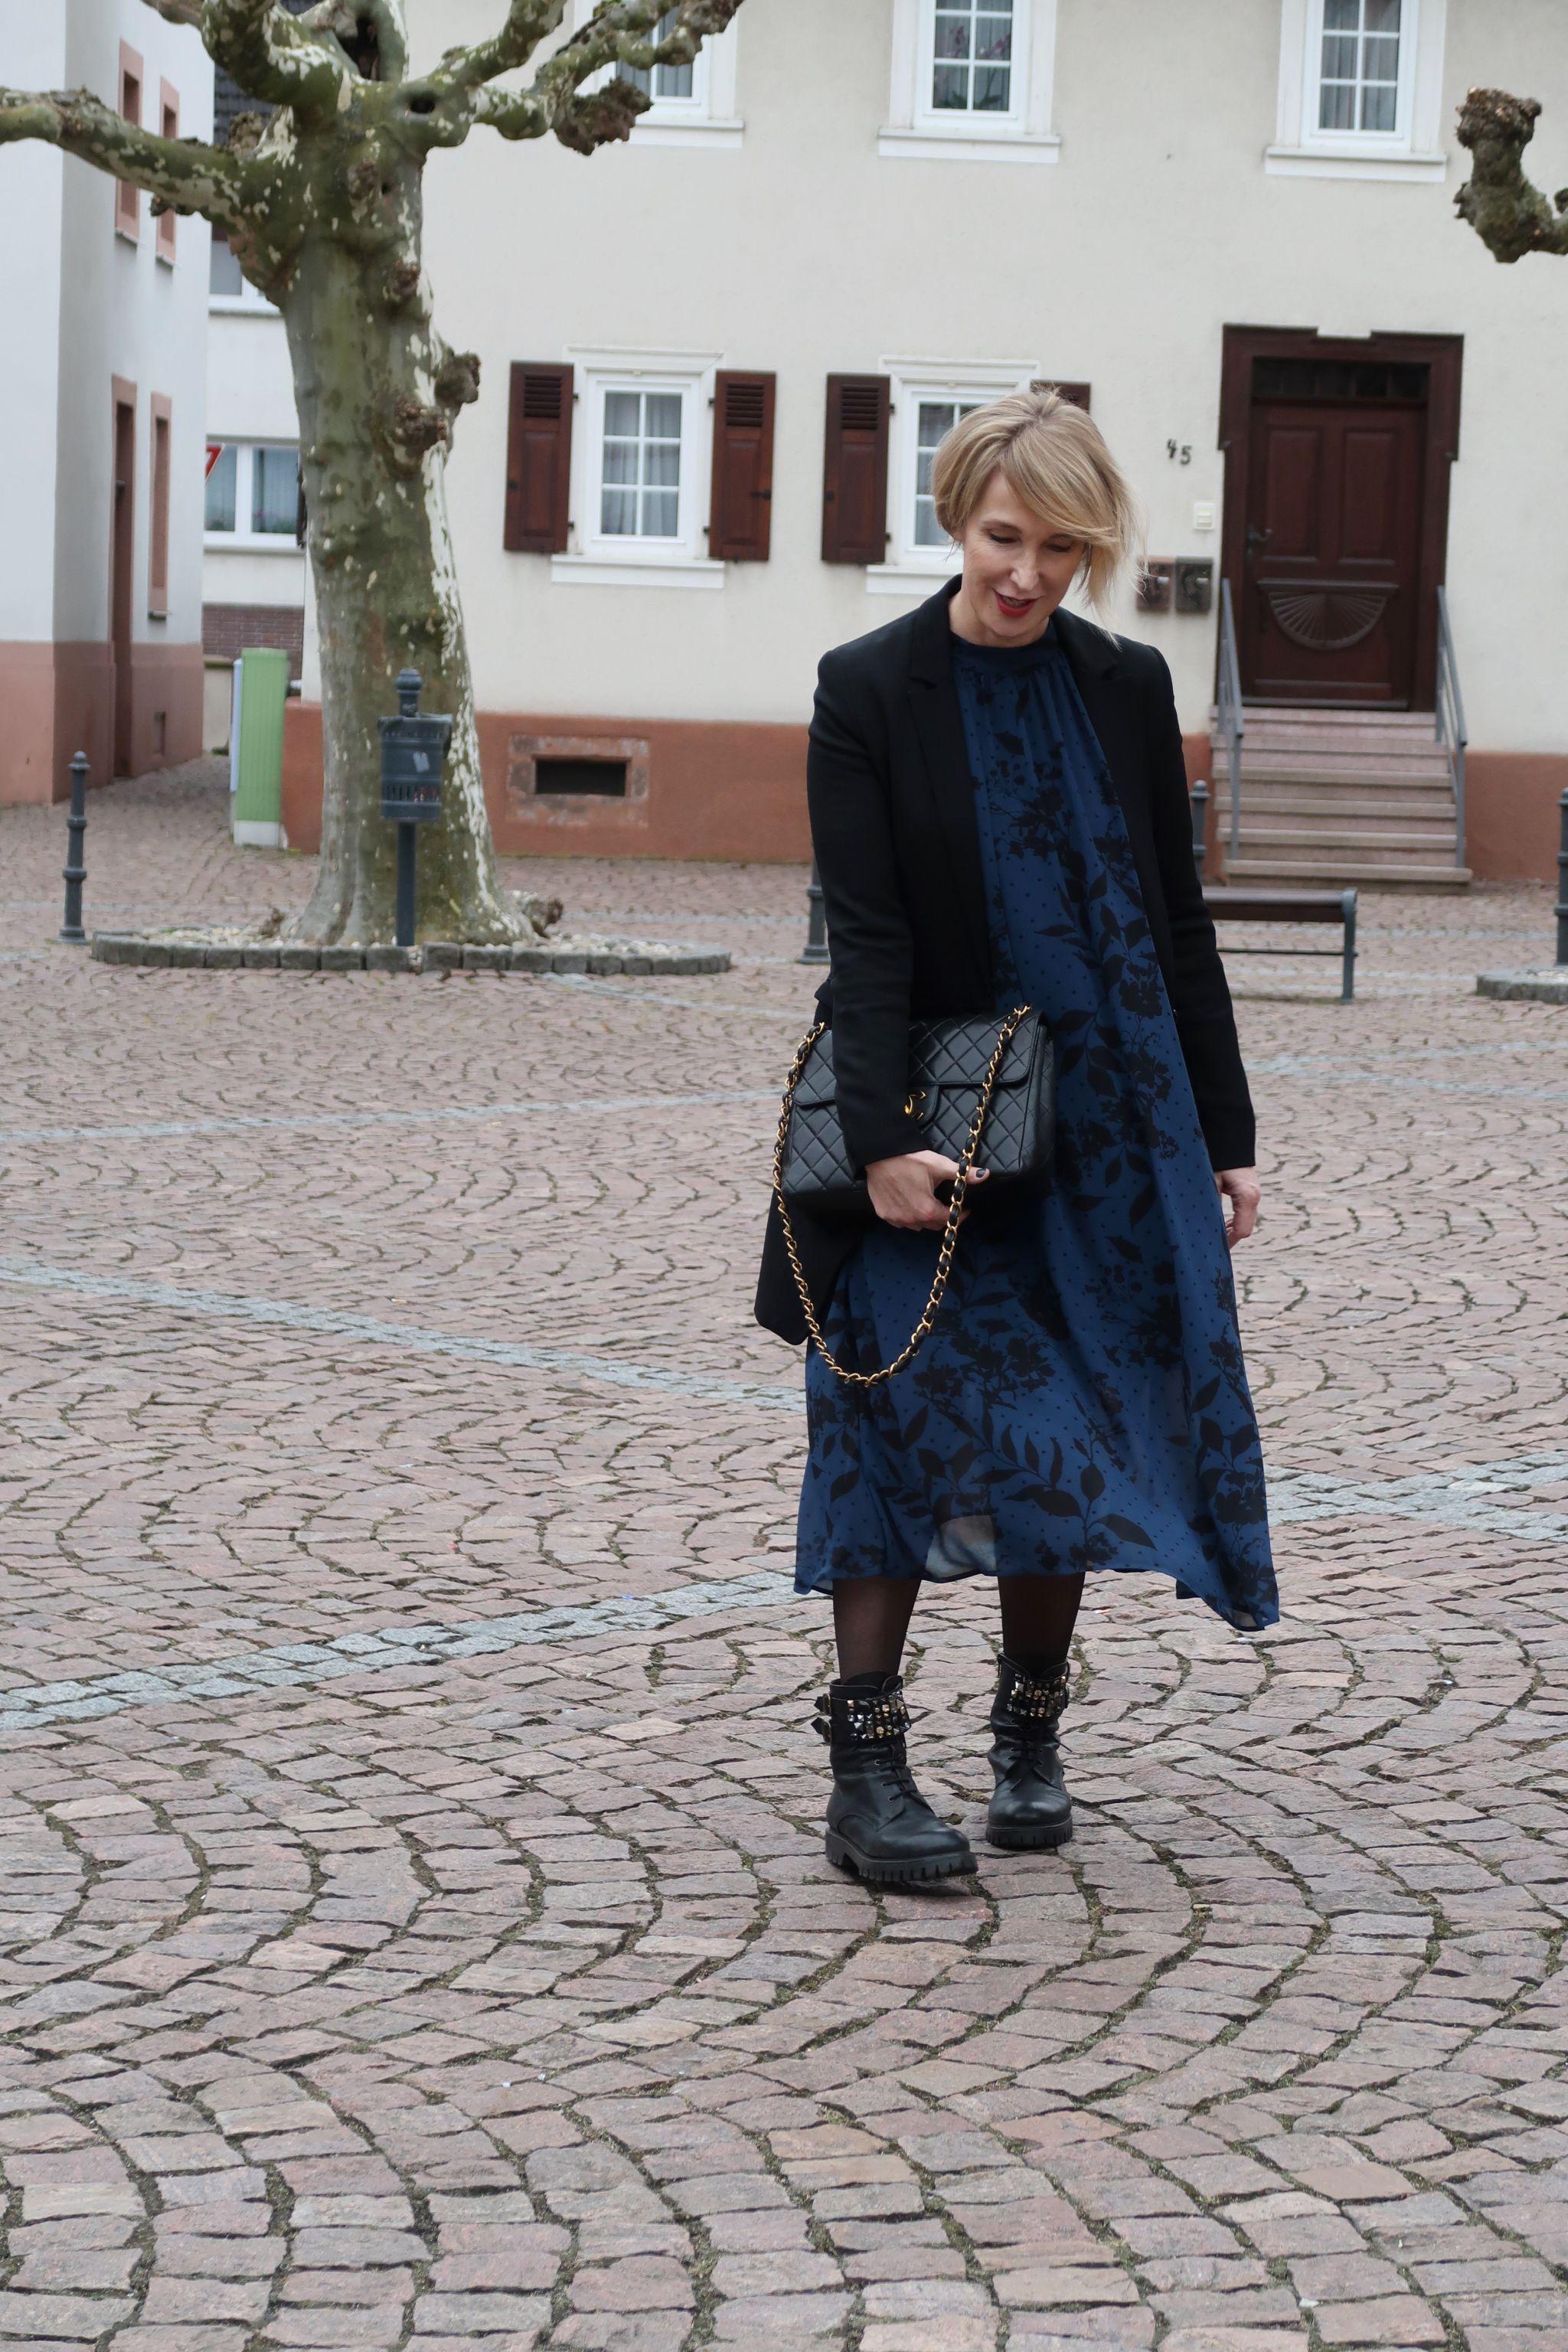 glamupyourlifestyle langes-chiffon-kleid-blazer langer-blazer derbe-Stiefel-kleid chanel-vintage ue40-blog ue40-mode